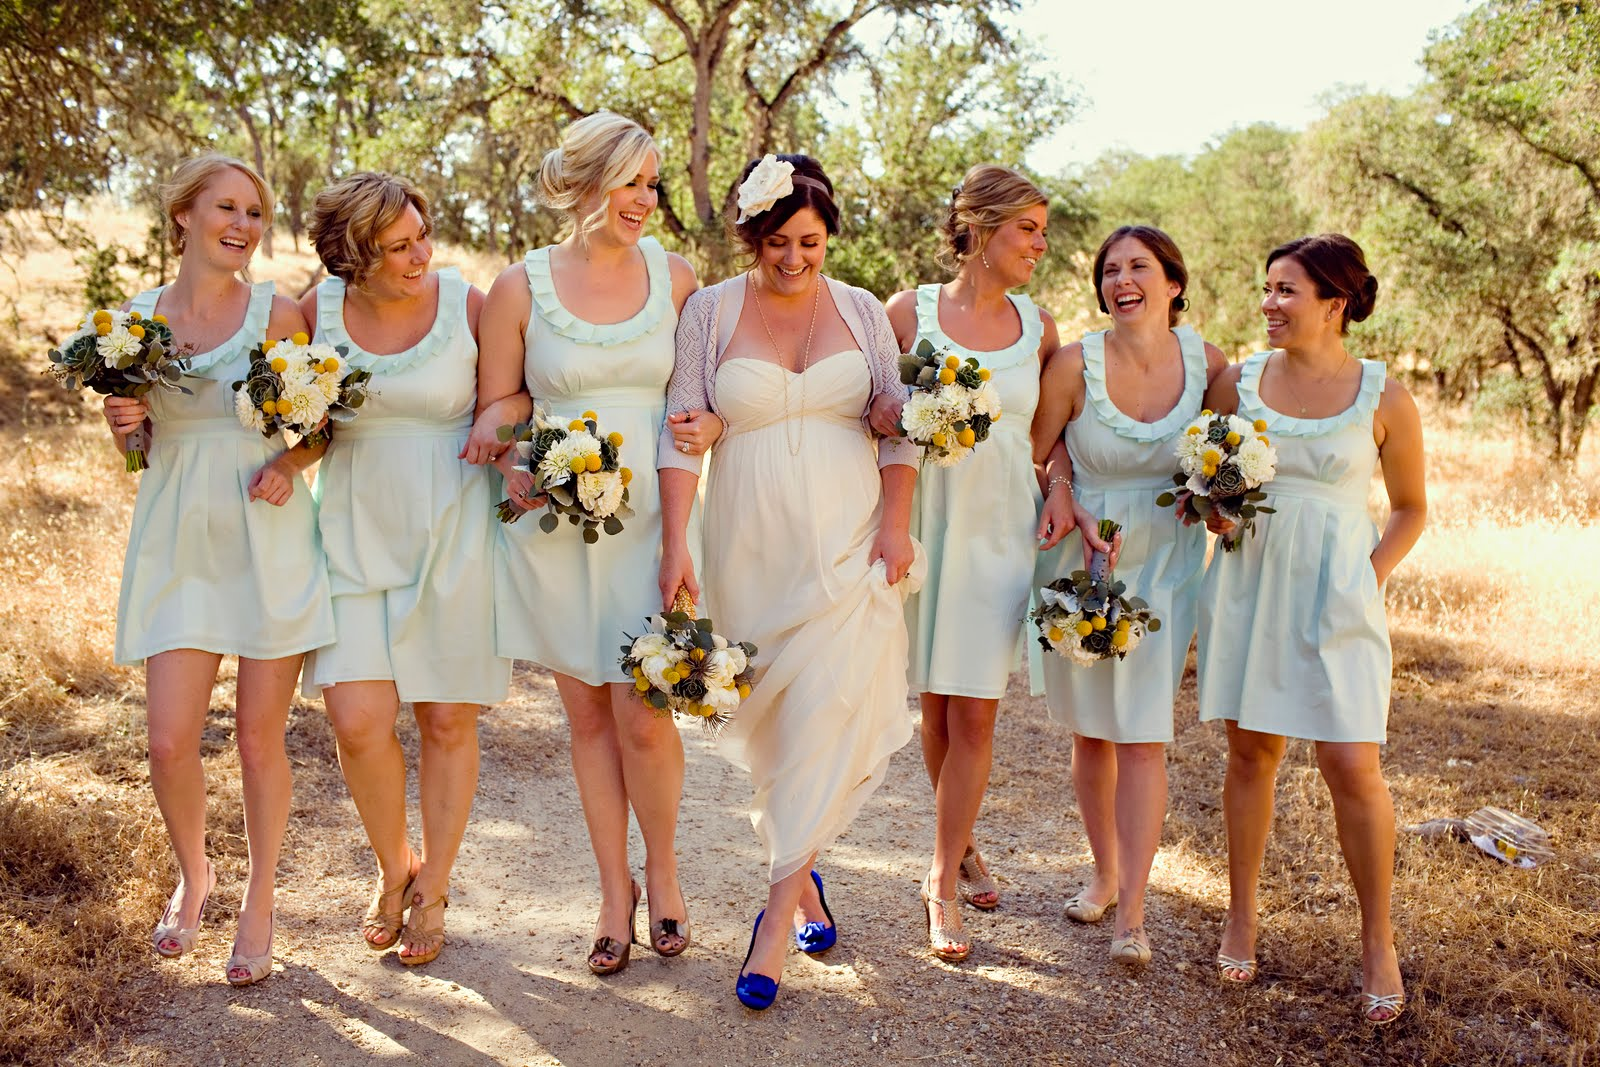 Смотреть онлайн русские девичники перед свадьбой 21 фотография